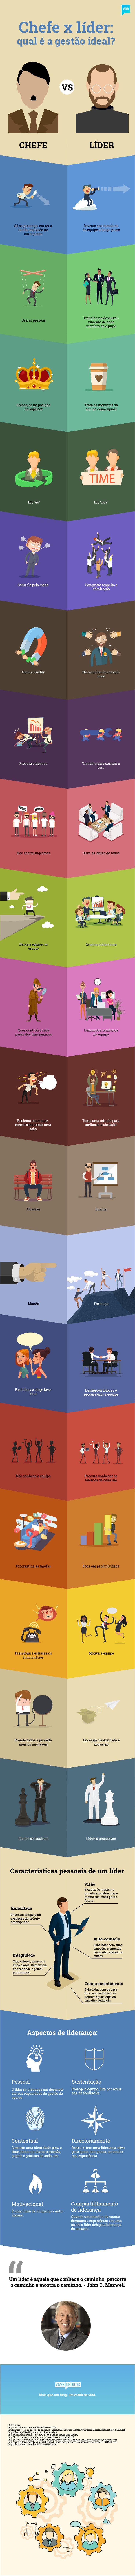 Qual a verdadeira diferença entre chefe e líder? Saiba como gerenciar melhor sua equipe para alcançar resultados surpreendentes